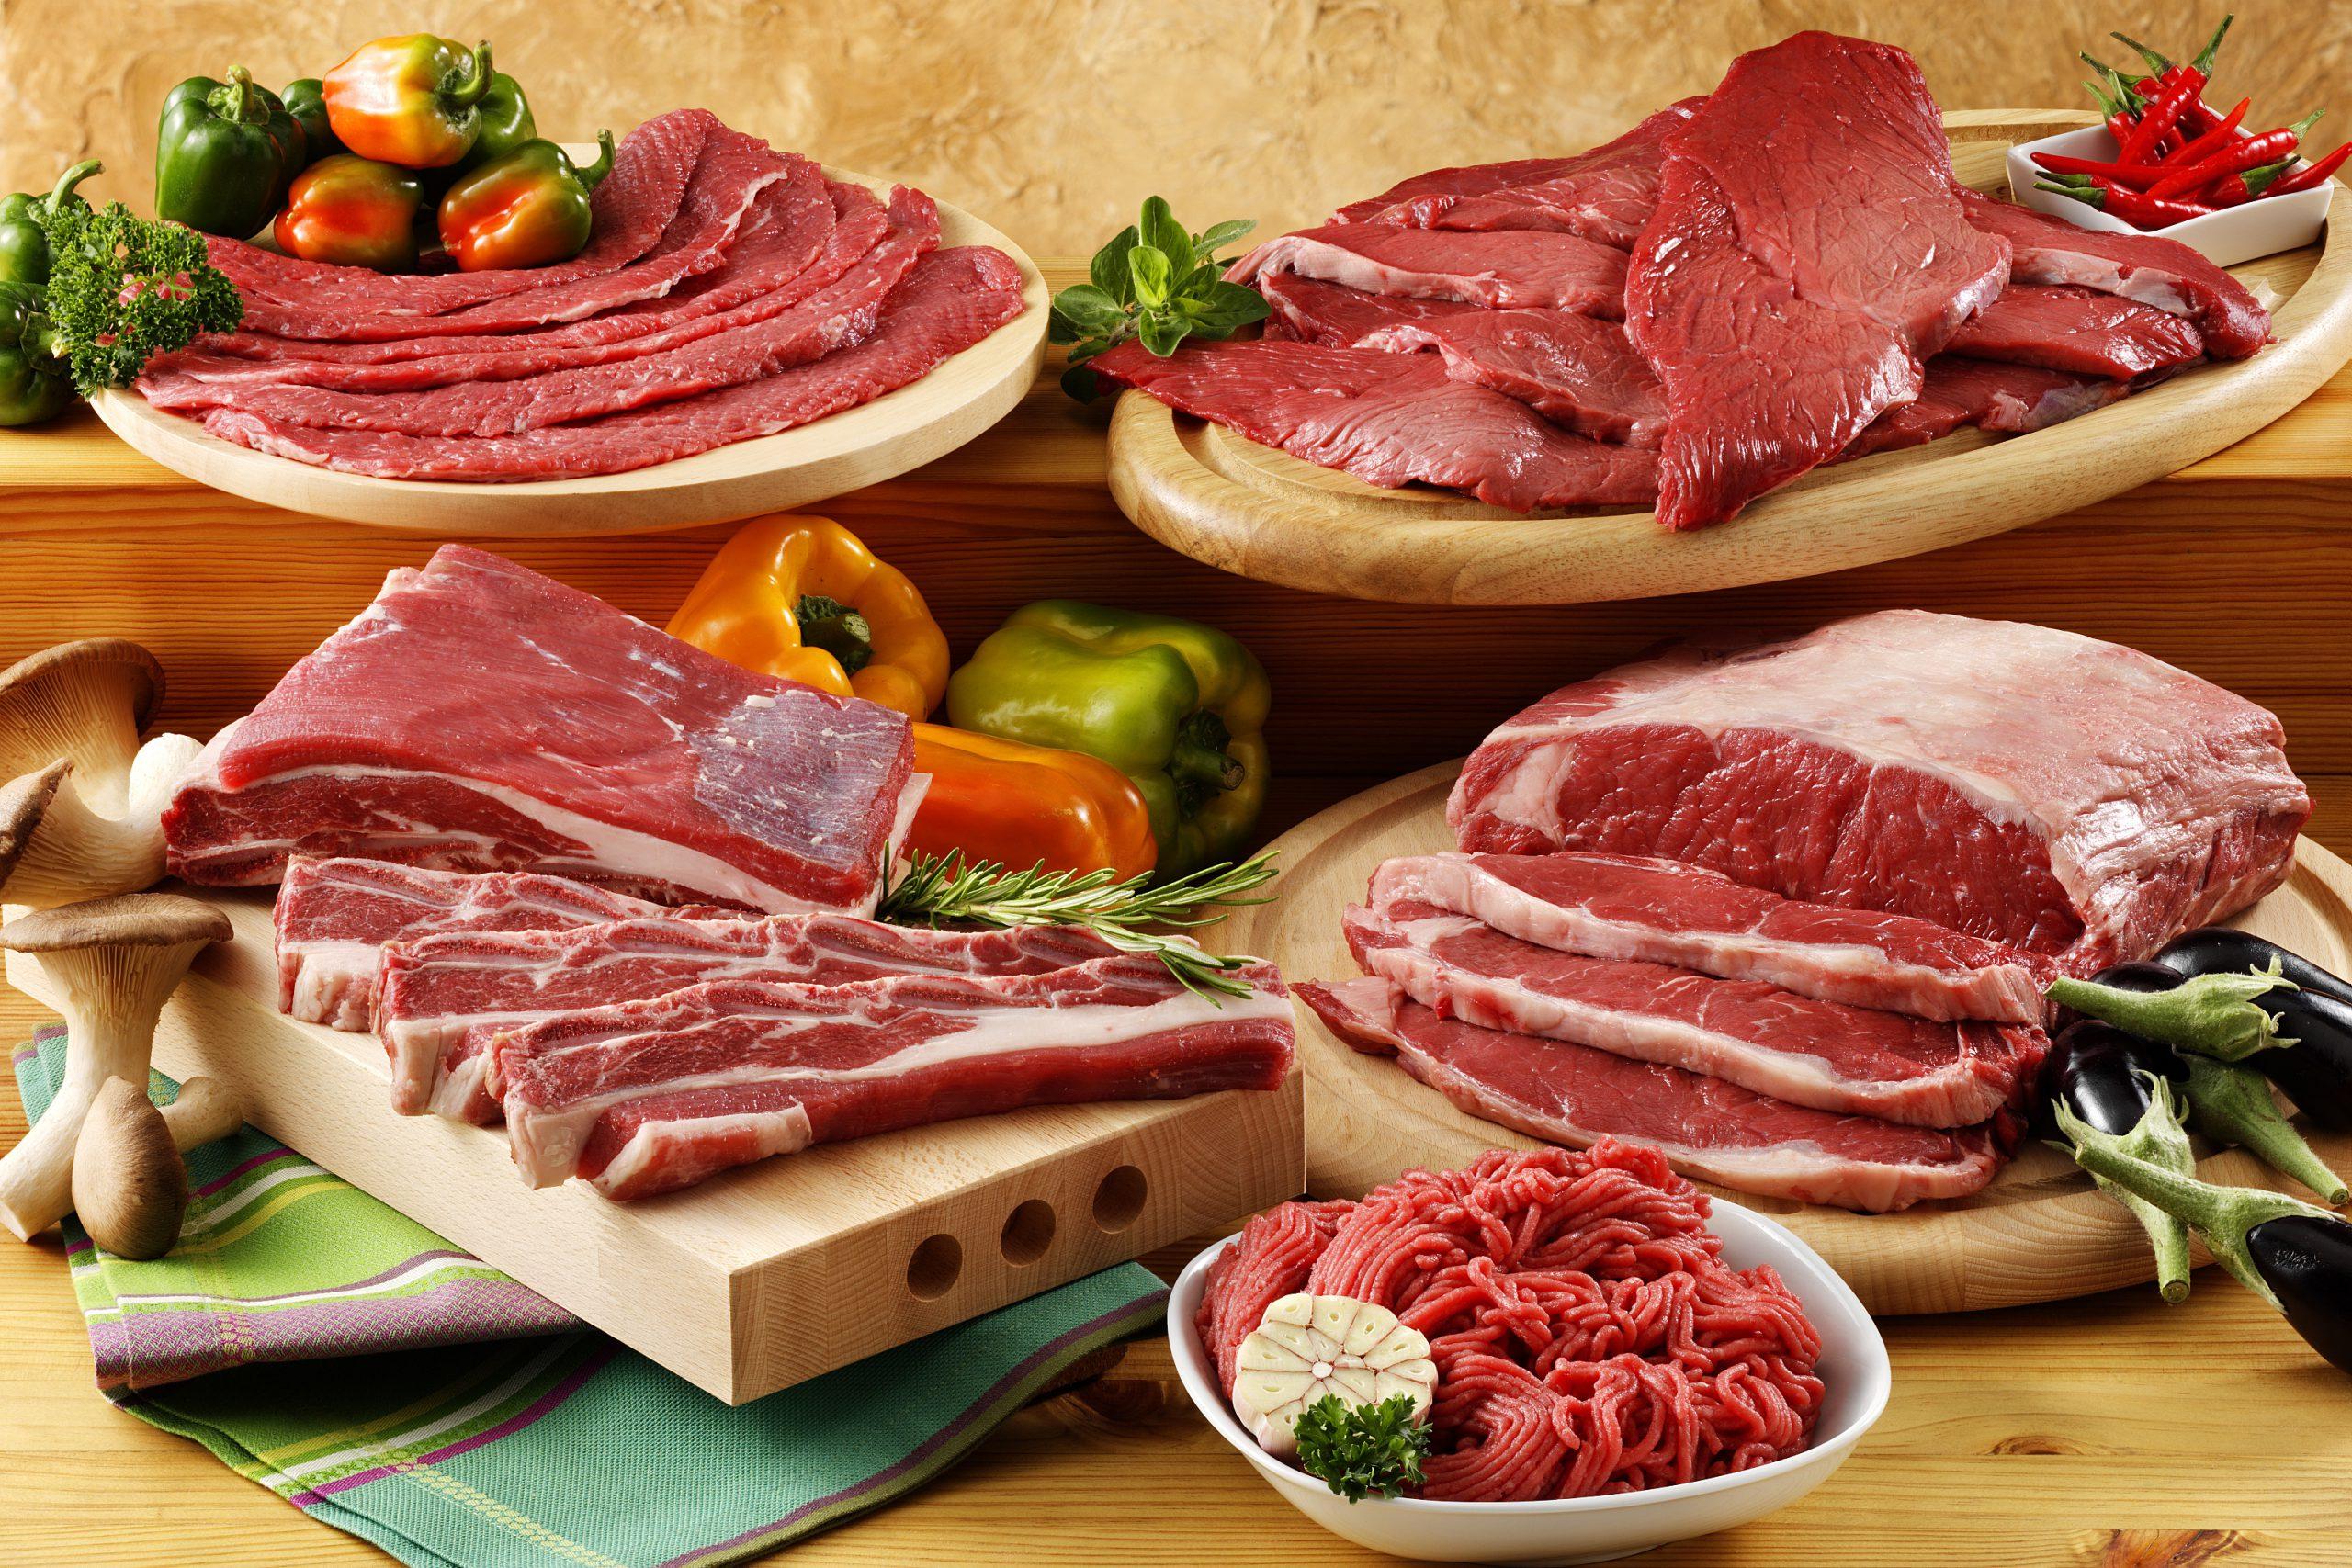 گوشت قرمز درمان کم خونی